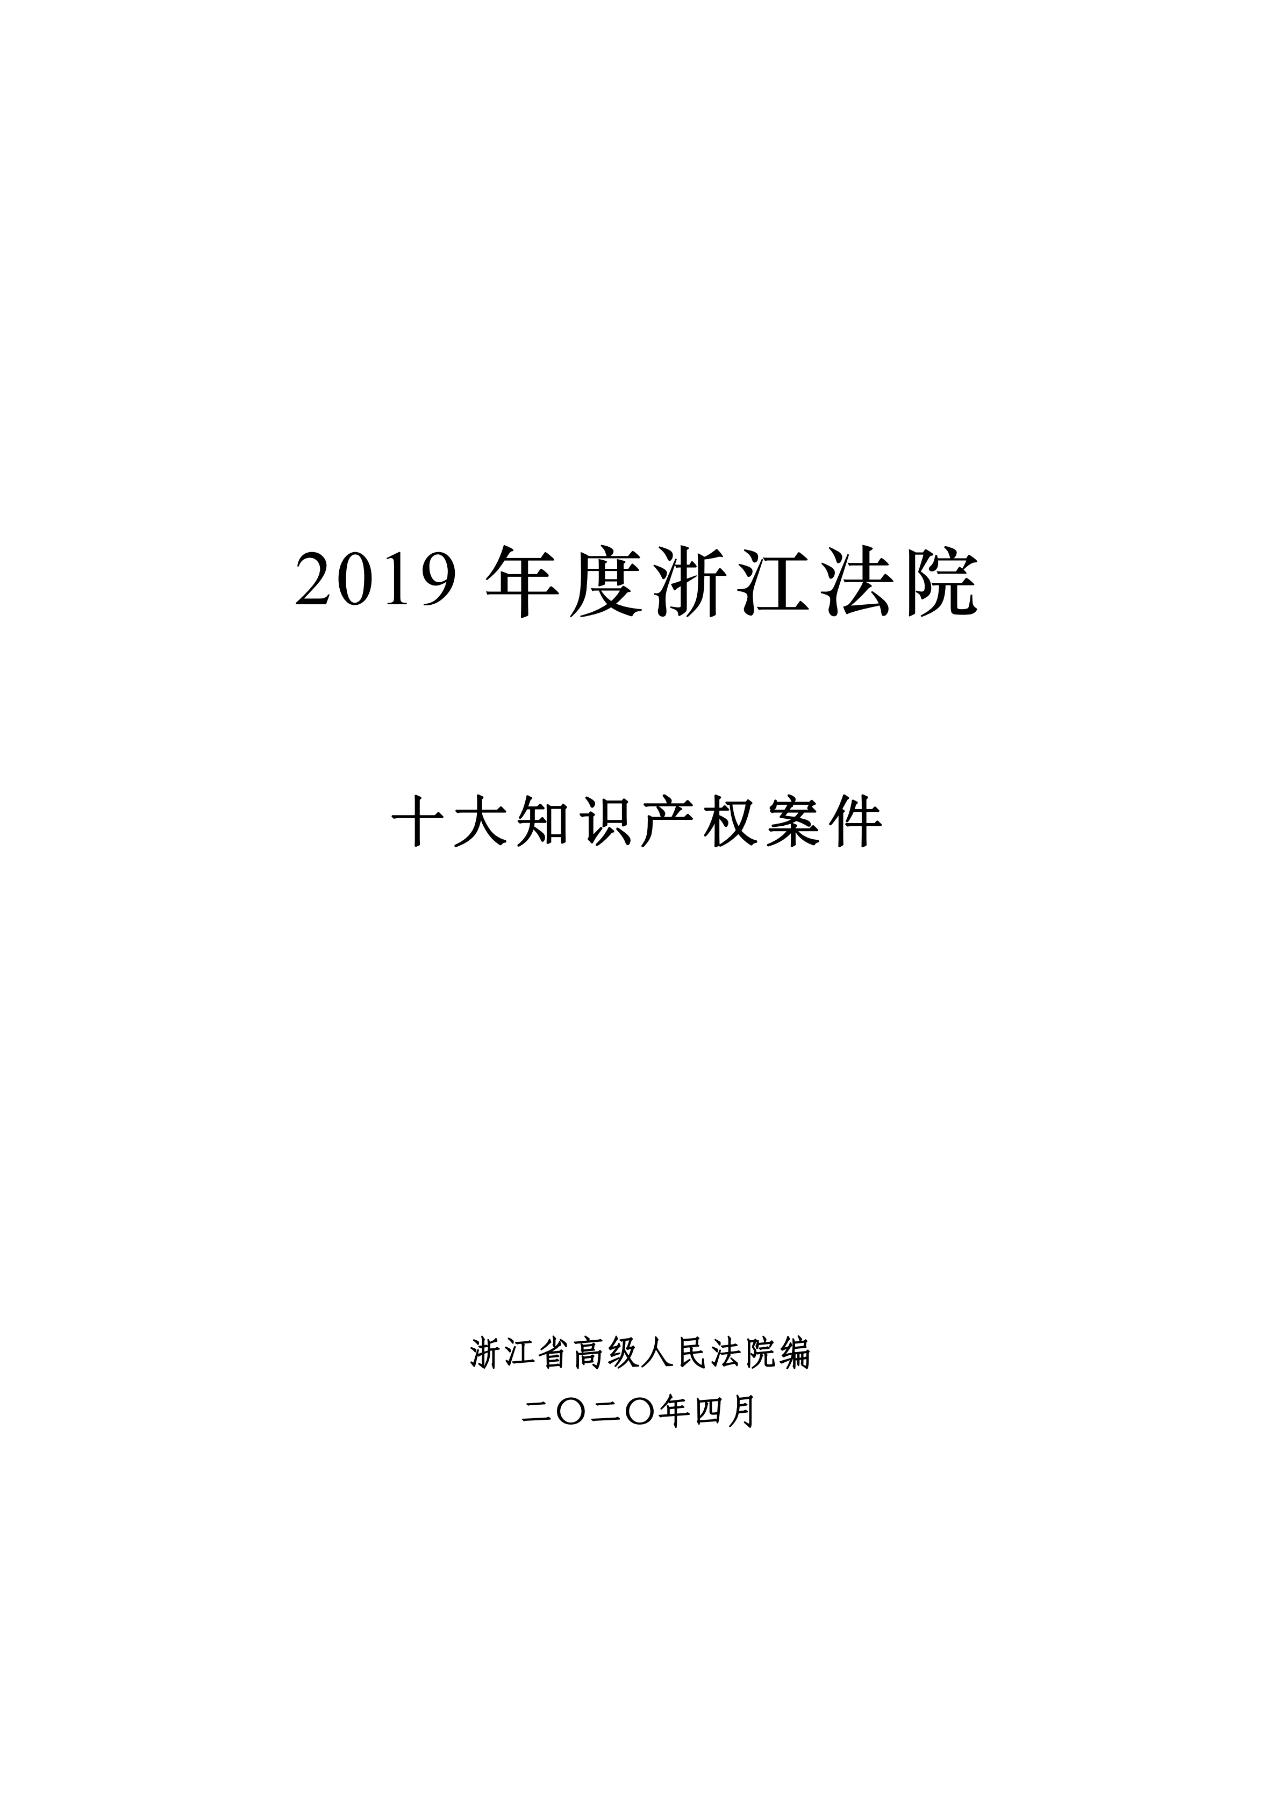 浙江法院发布2019年度十大知识产权案件